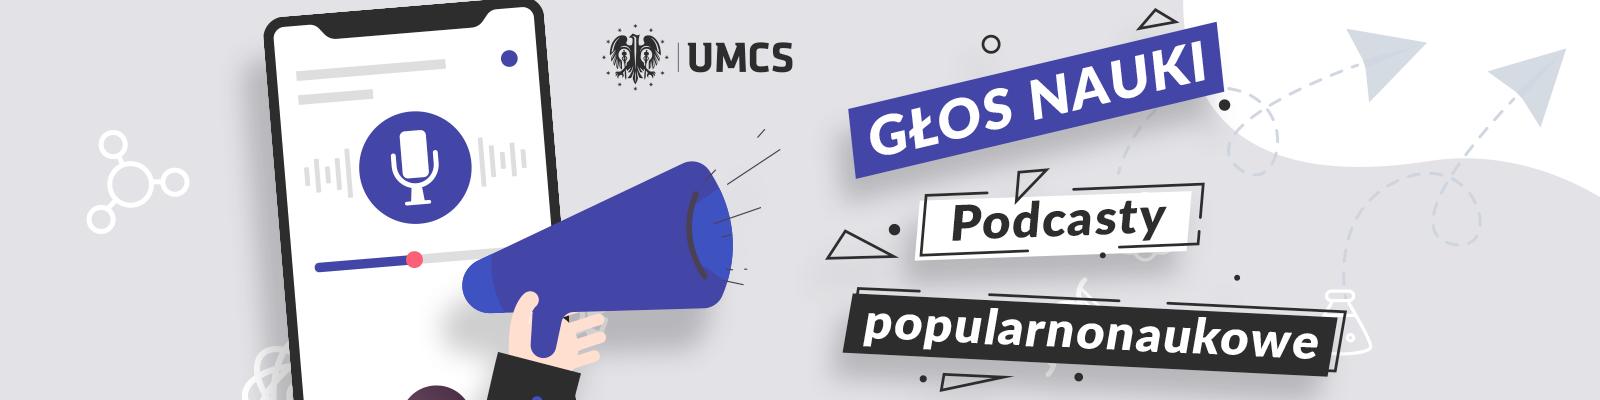 Podcasty popularnonaukowe z udziałem ekspertów z UMCS